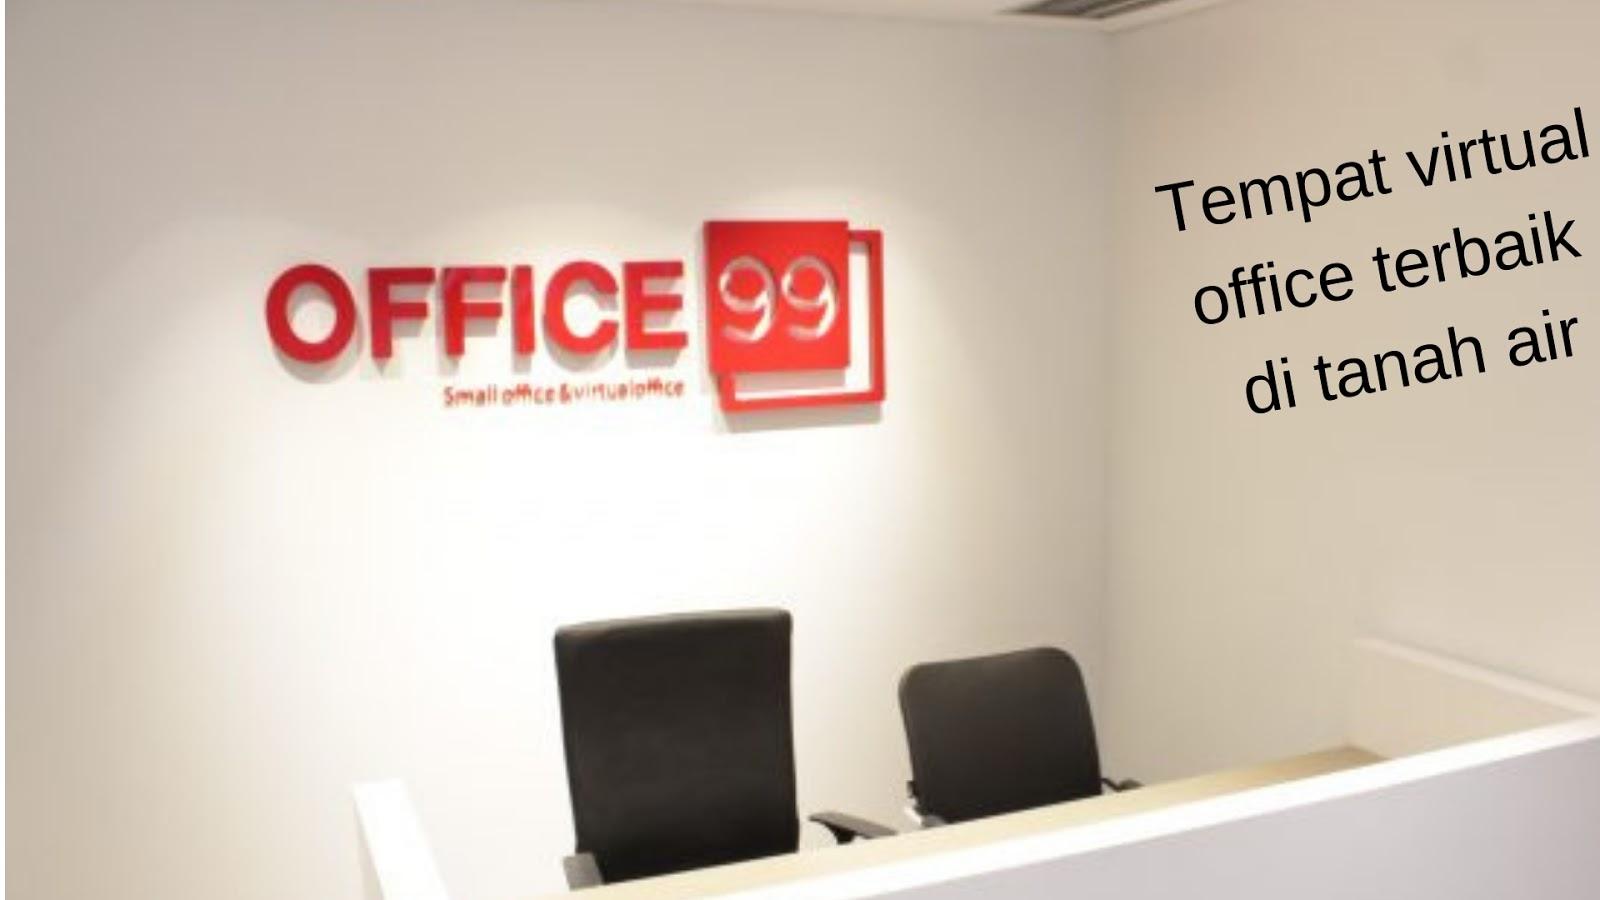 Virtual Office Terbaik Office99